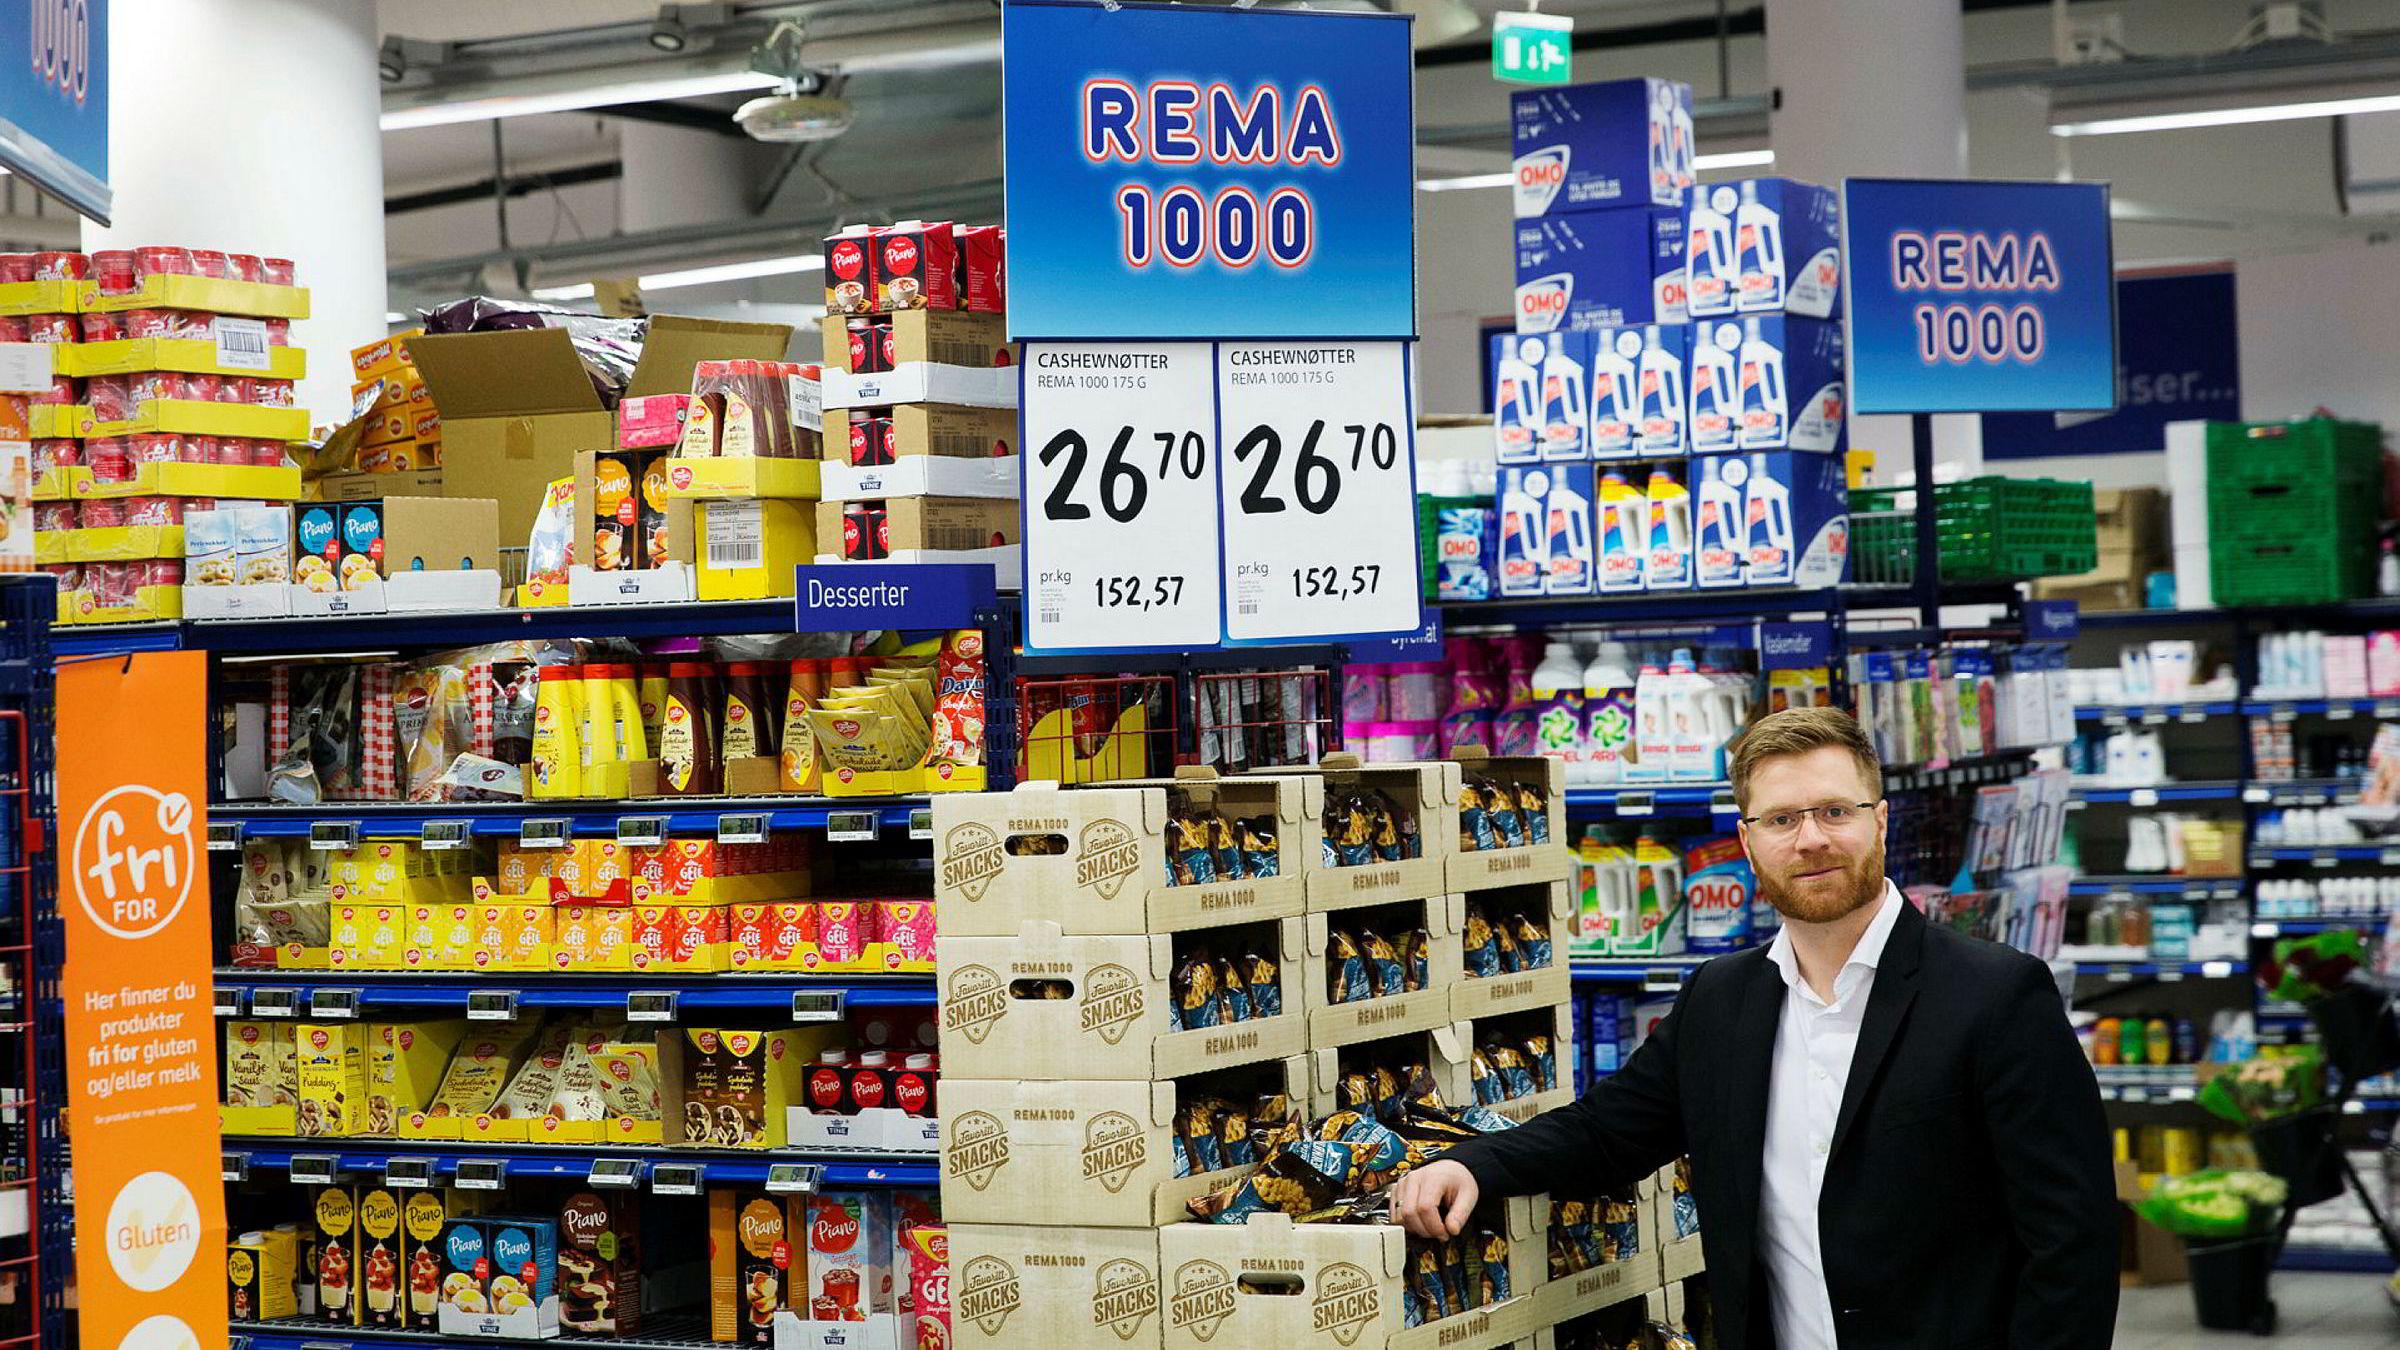 Flere leverandører forsvinner ut når Rema-direktør Lars Kristian Lindberg har storopprydning i leverandørleddet. Her i Rema-butikken på Ensjø i Oslo.